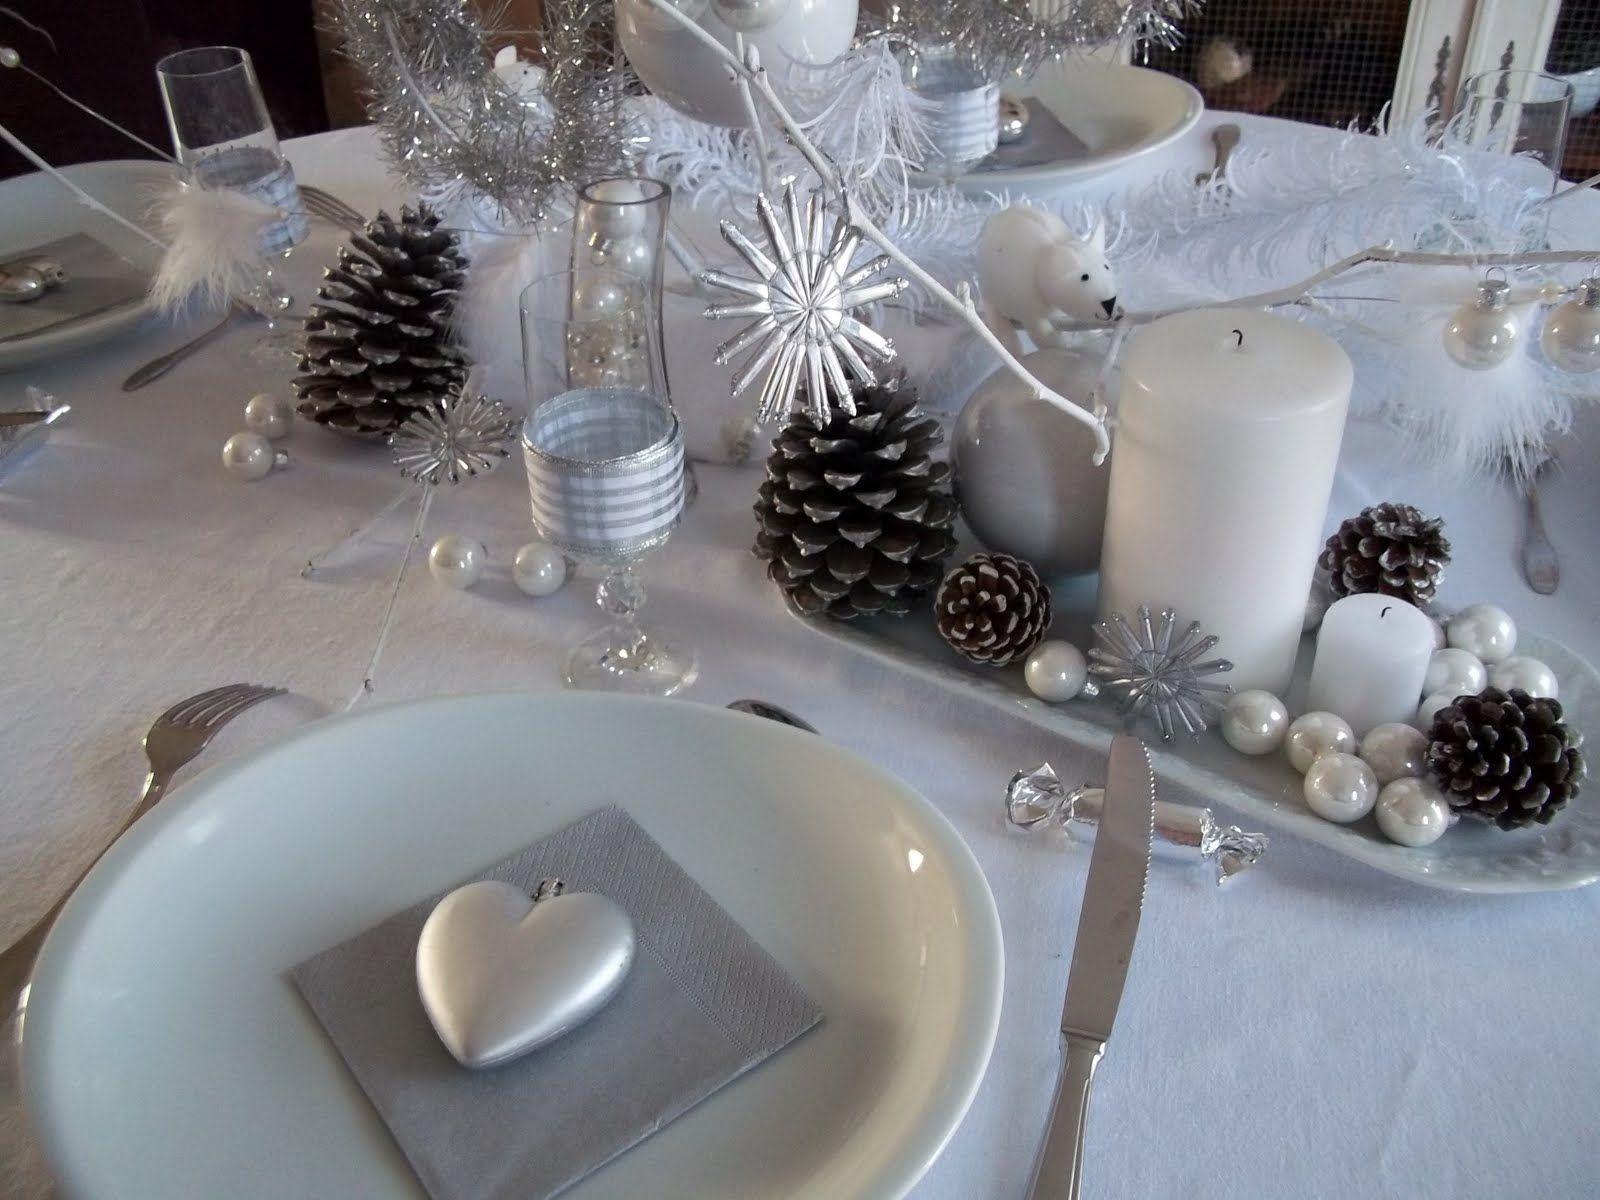 une d co de table blanche et argent pour no l no l pinterest tables blanches deco de. Black Bedroom Furniture Sets. Home Design Ideas